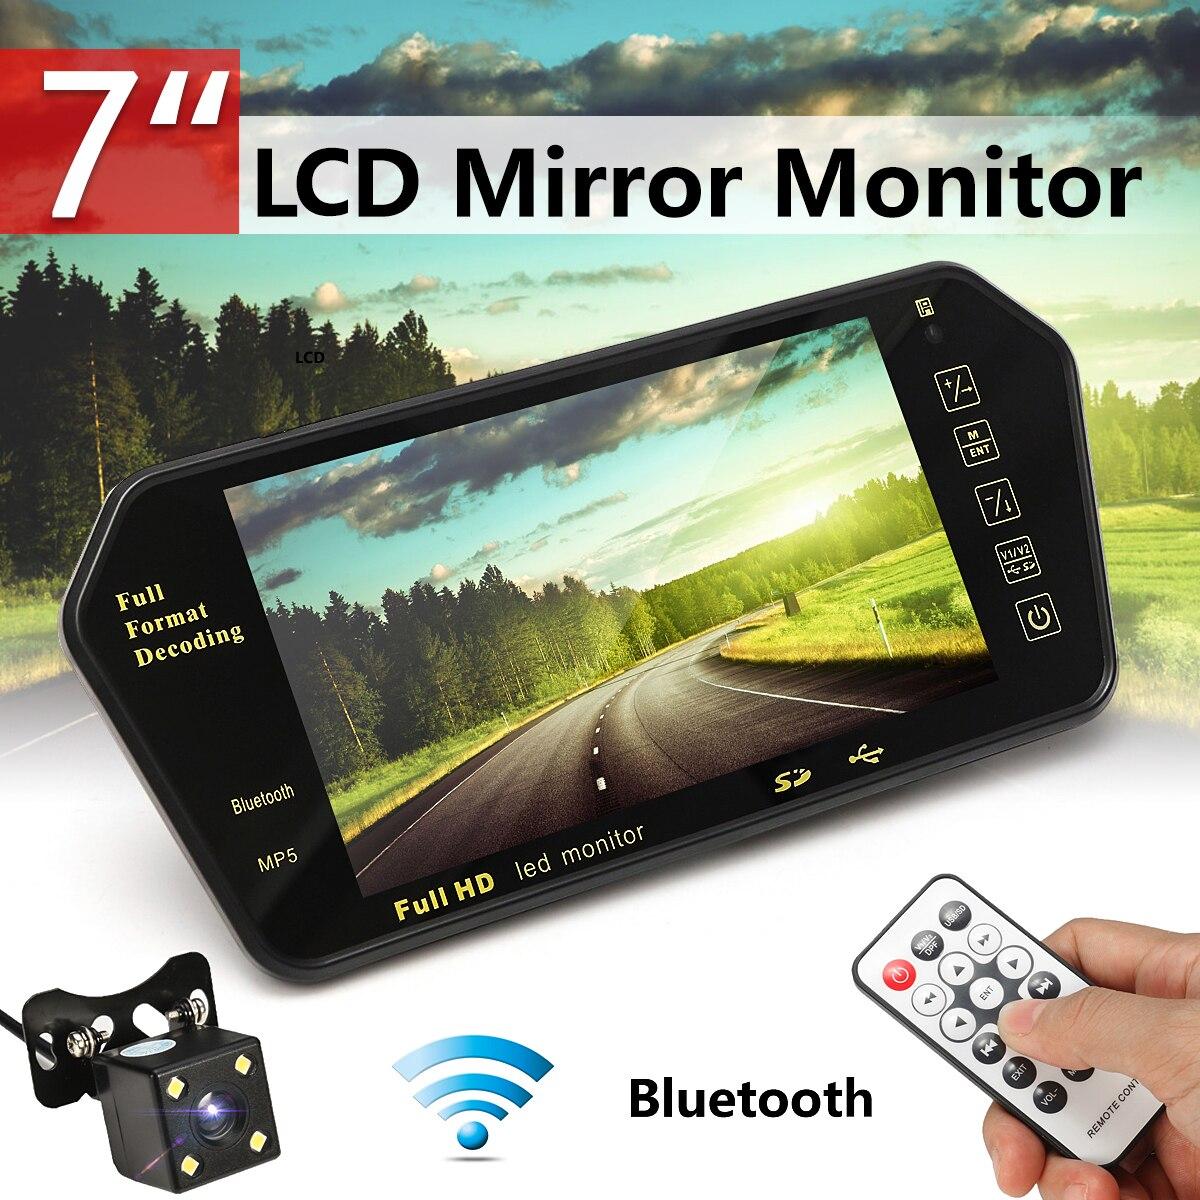 Lecteur bluetooth Viedo MP5 7 pouces TFT LCD couleur miroir moniteur voiture vue arrière aide au stationnement automatique + caméra de recul de sauvegarde